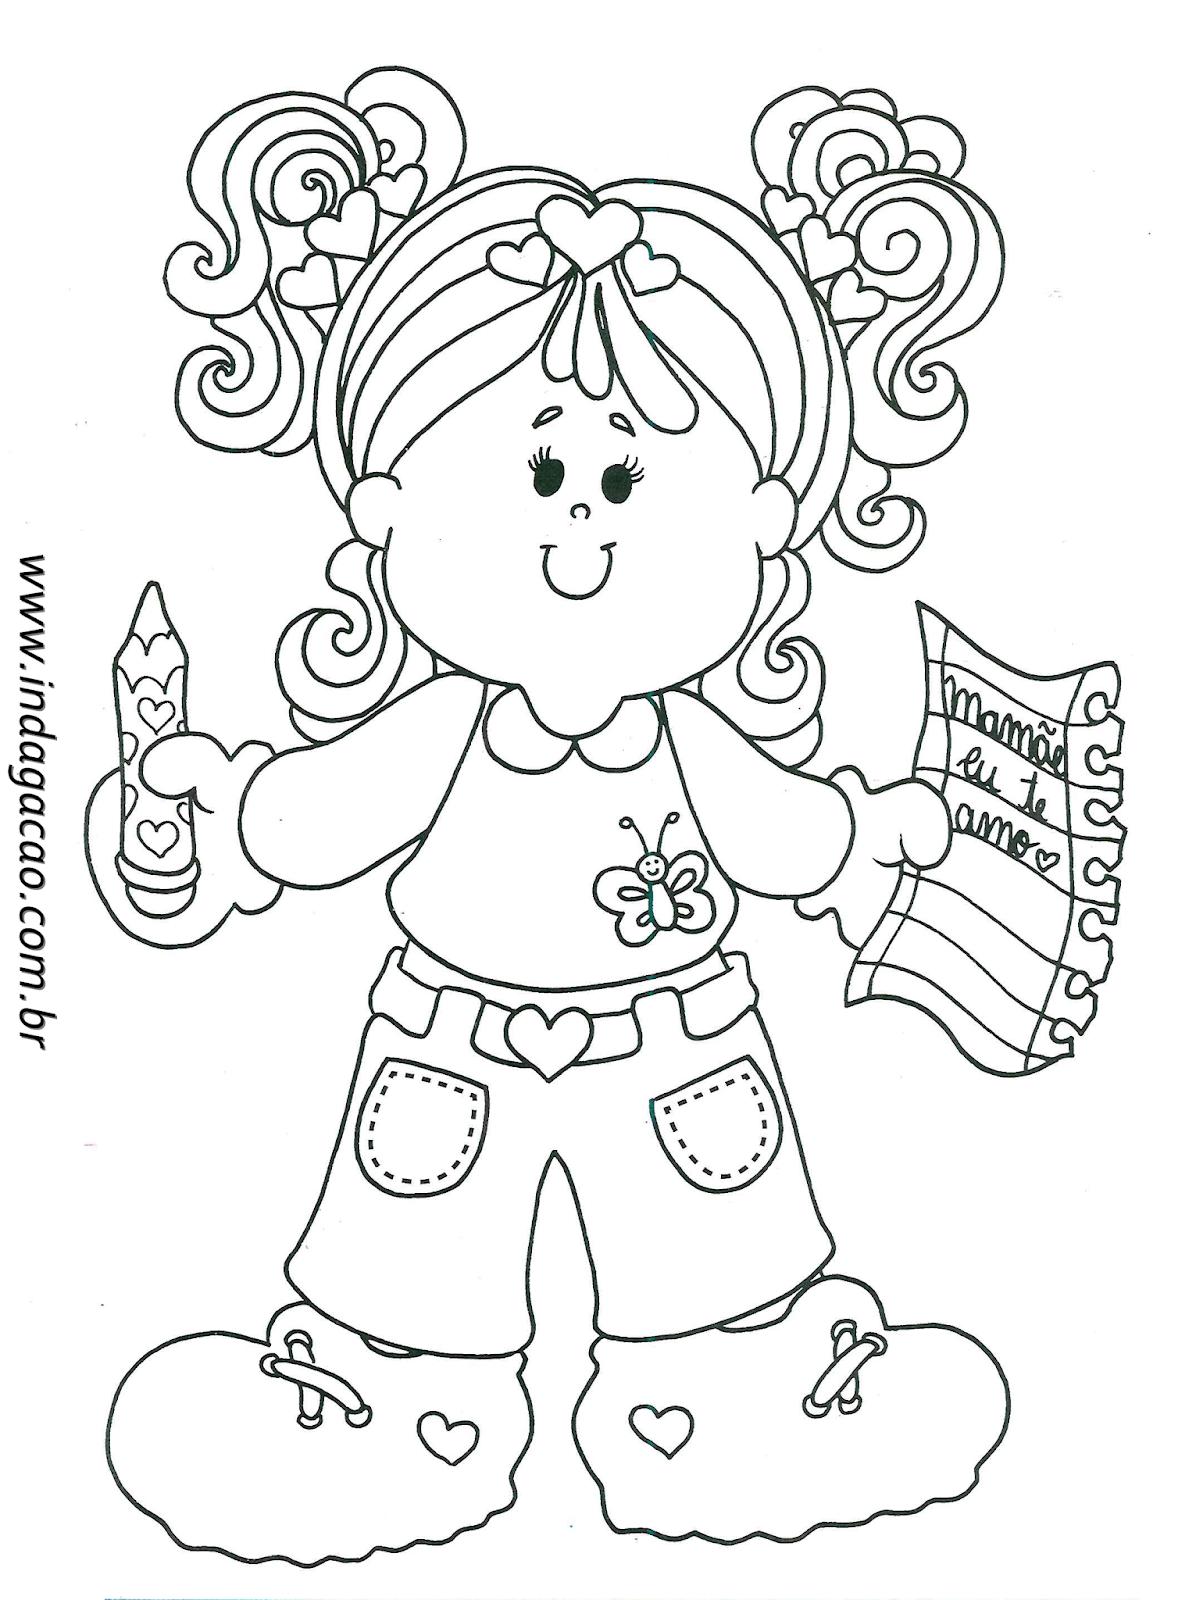 Desenho De Menina Com Frase Mamãe Eu Te Amo Baixar Grátis